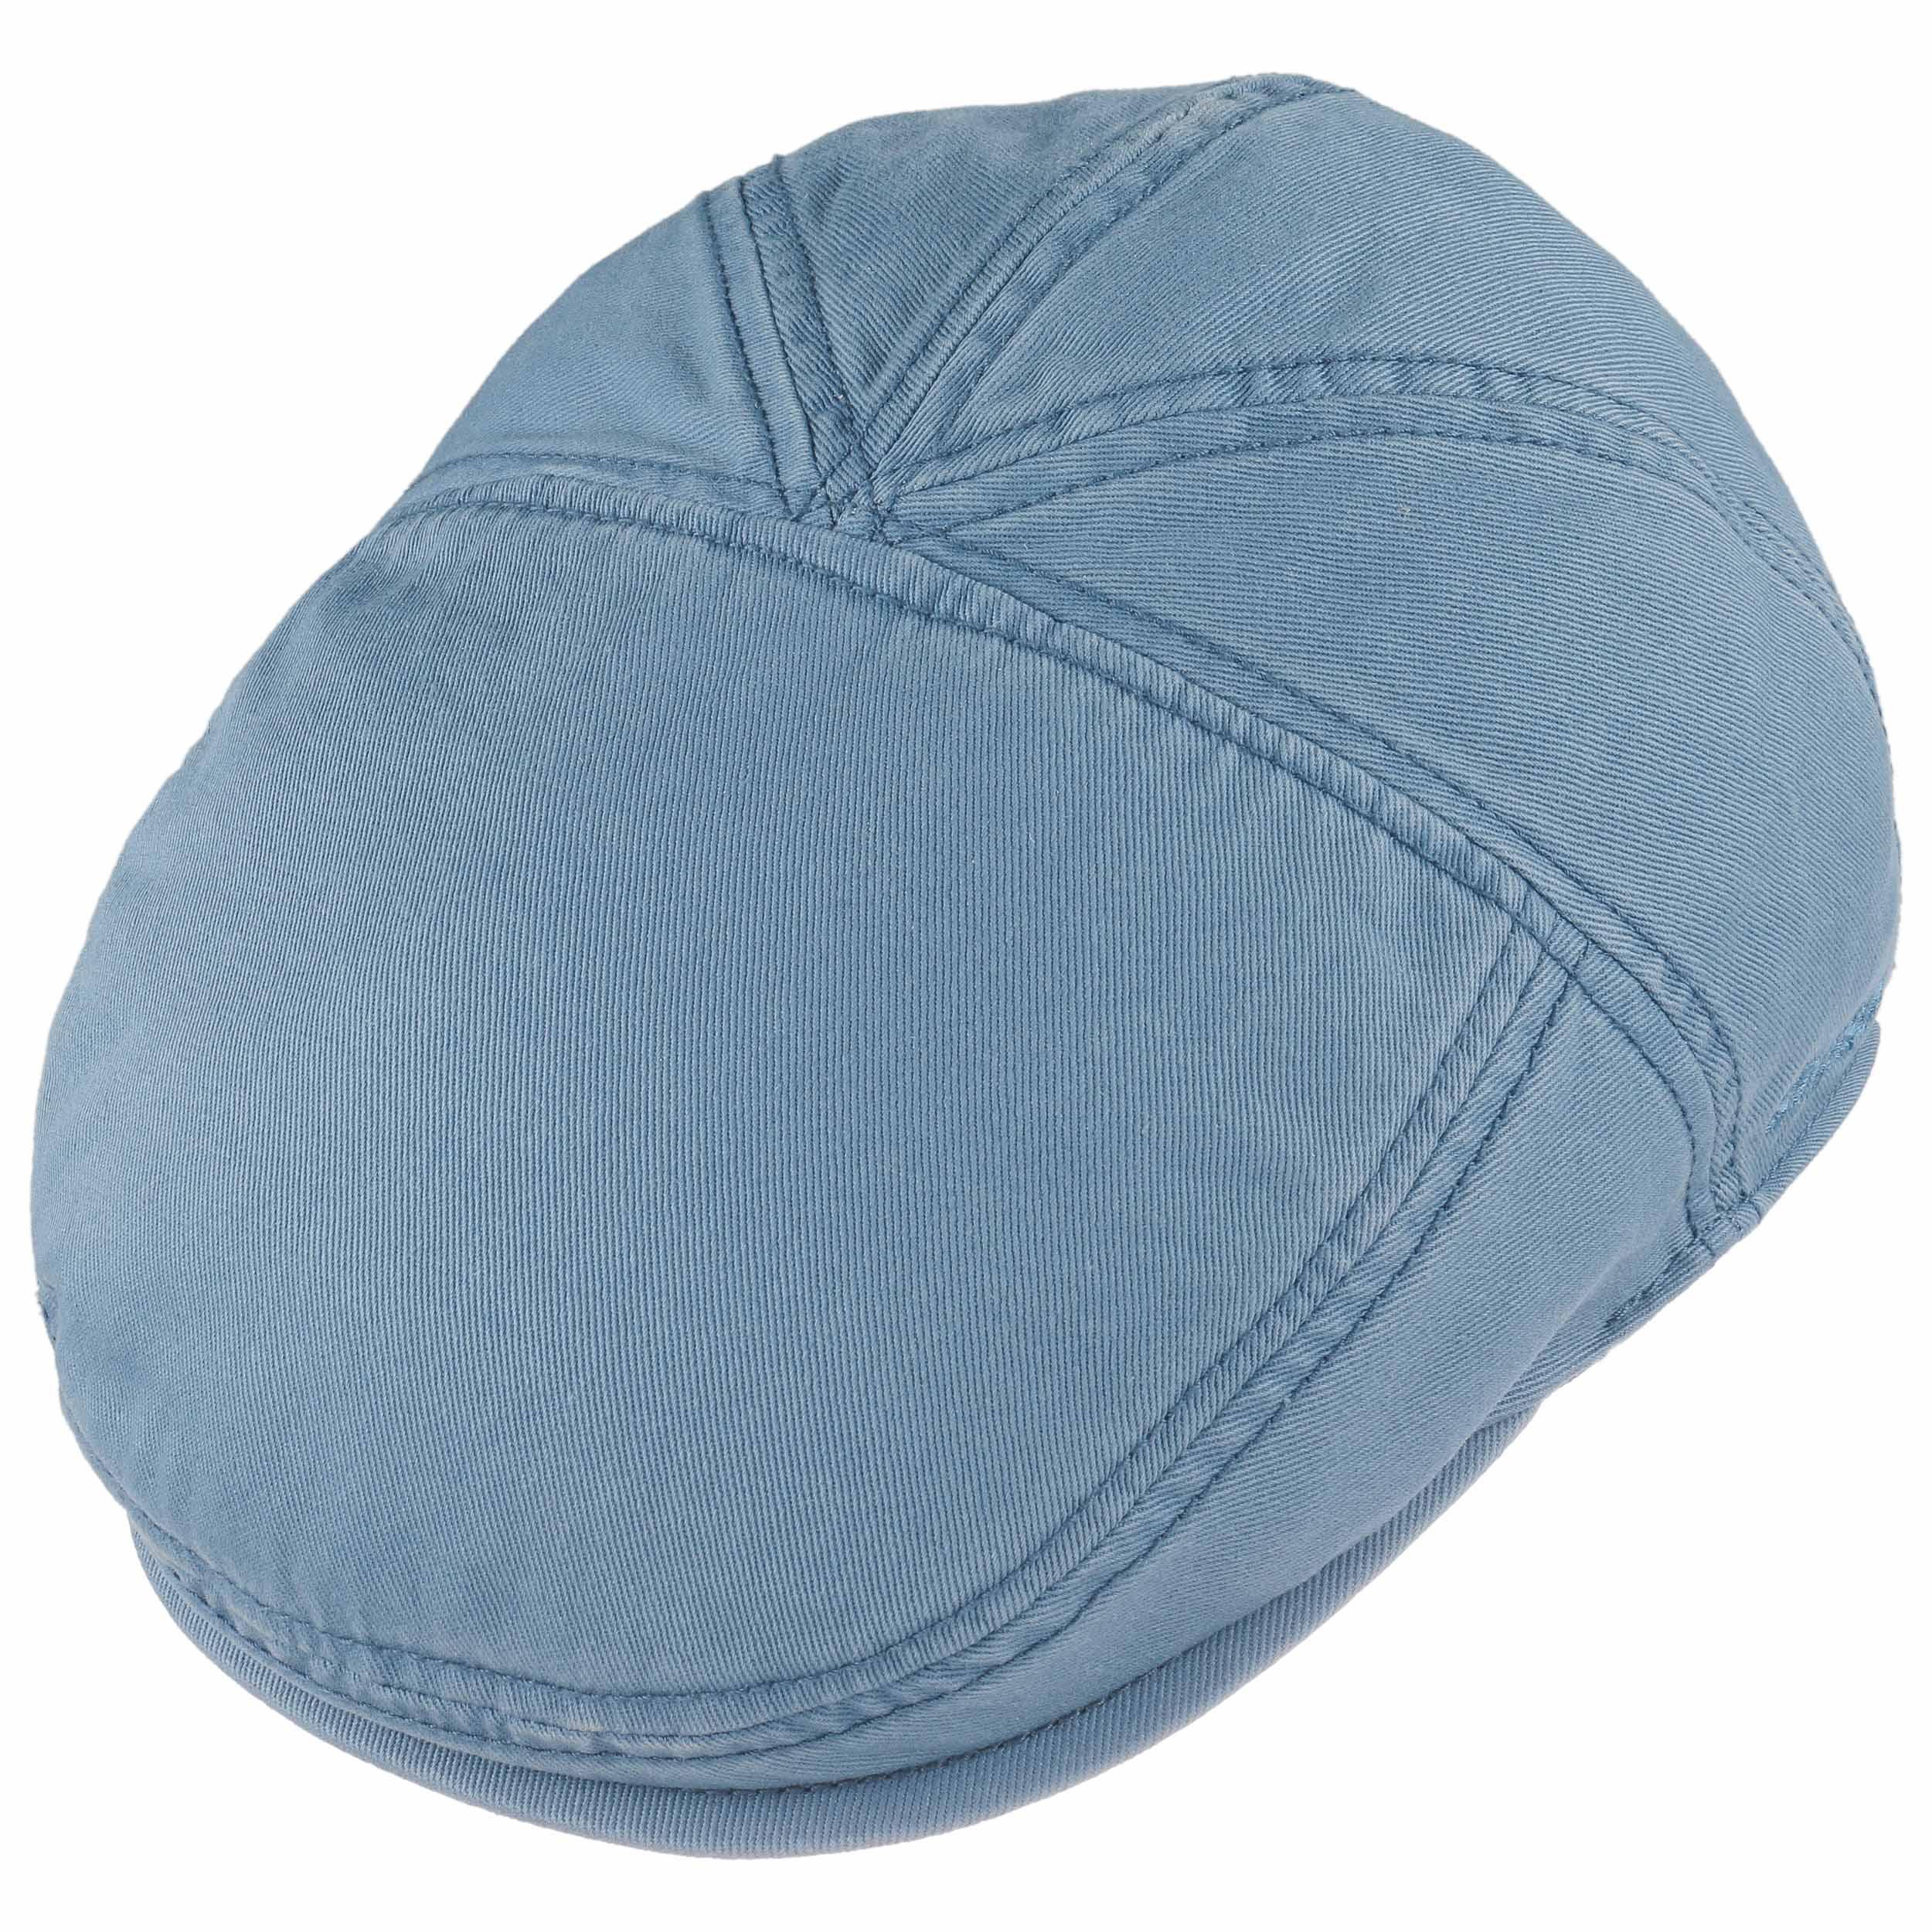 5d5740c4e8aa0 ... Casquette Plate Paradise Cotton by Stetson - bleu clair 1 ...